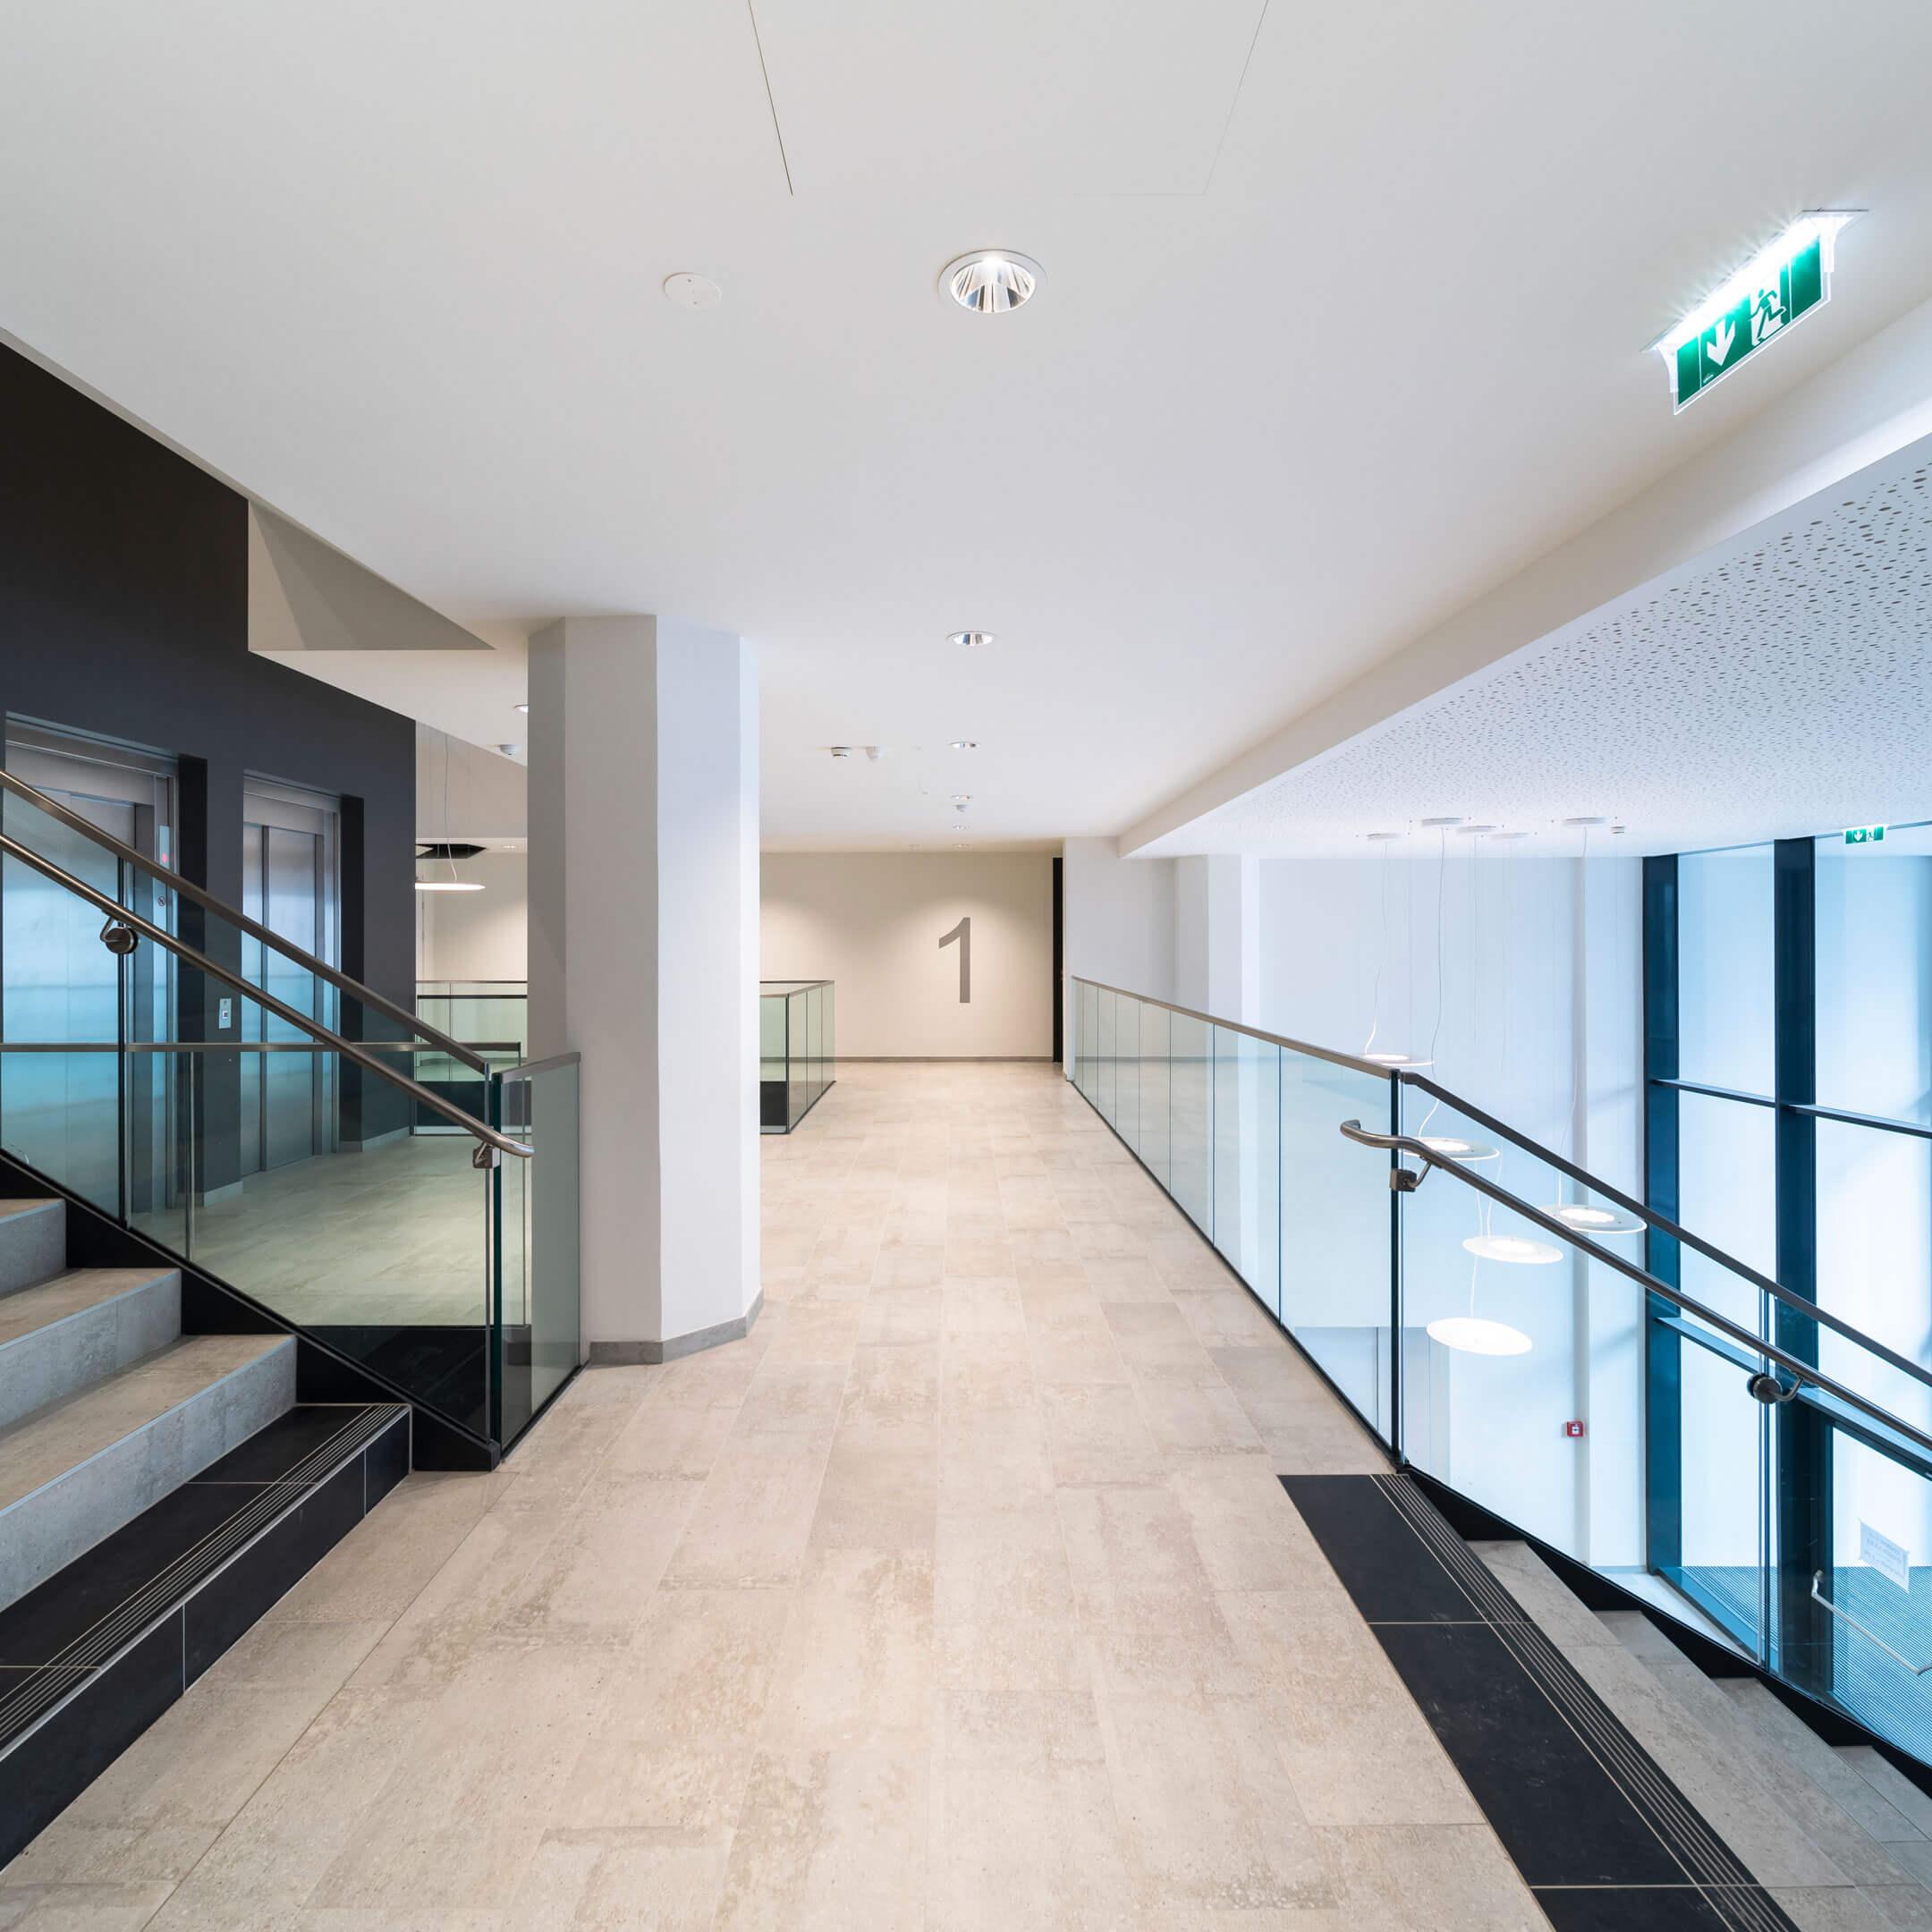 Vnitřní prostory bytového komplexu Althan Park ve Vídni